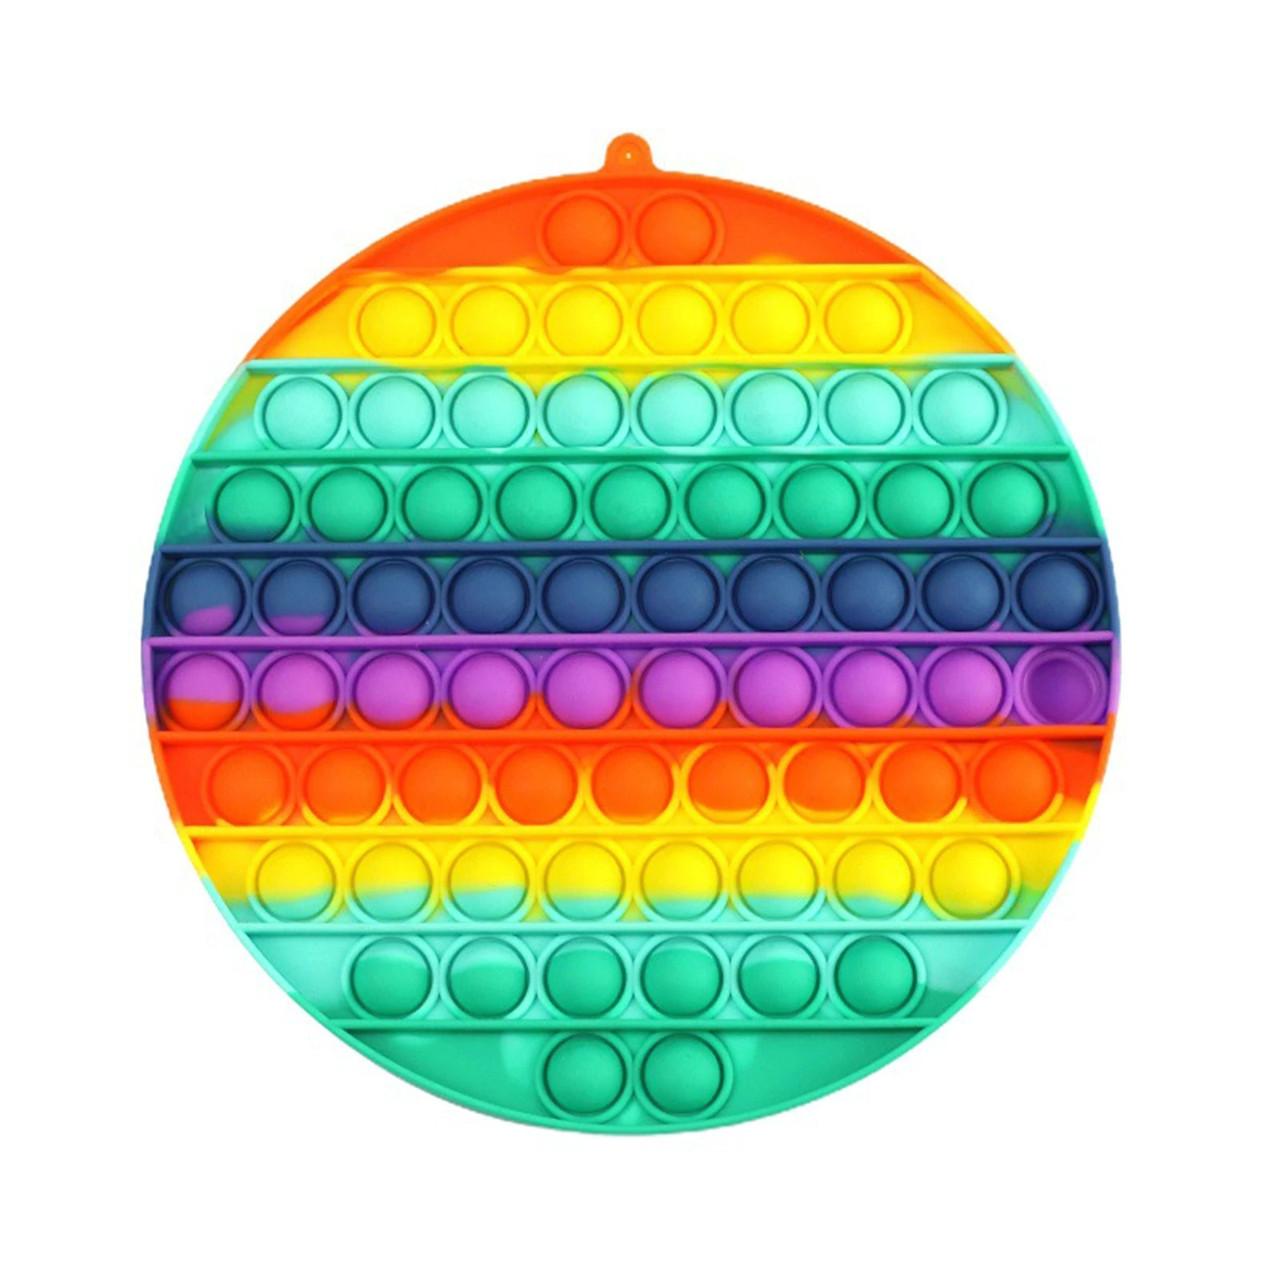 Сенсорная силиконовая игрушка пупырка антистресс поп ит фиджет круг большой радужный